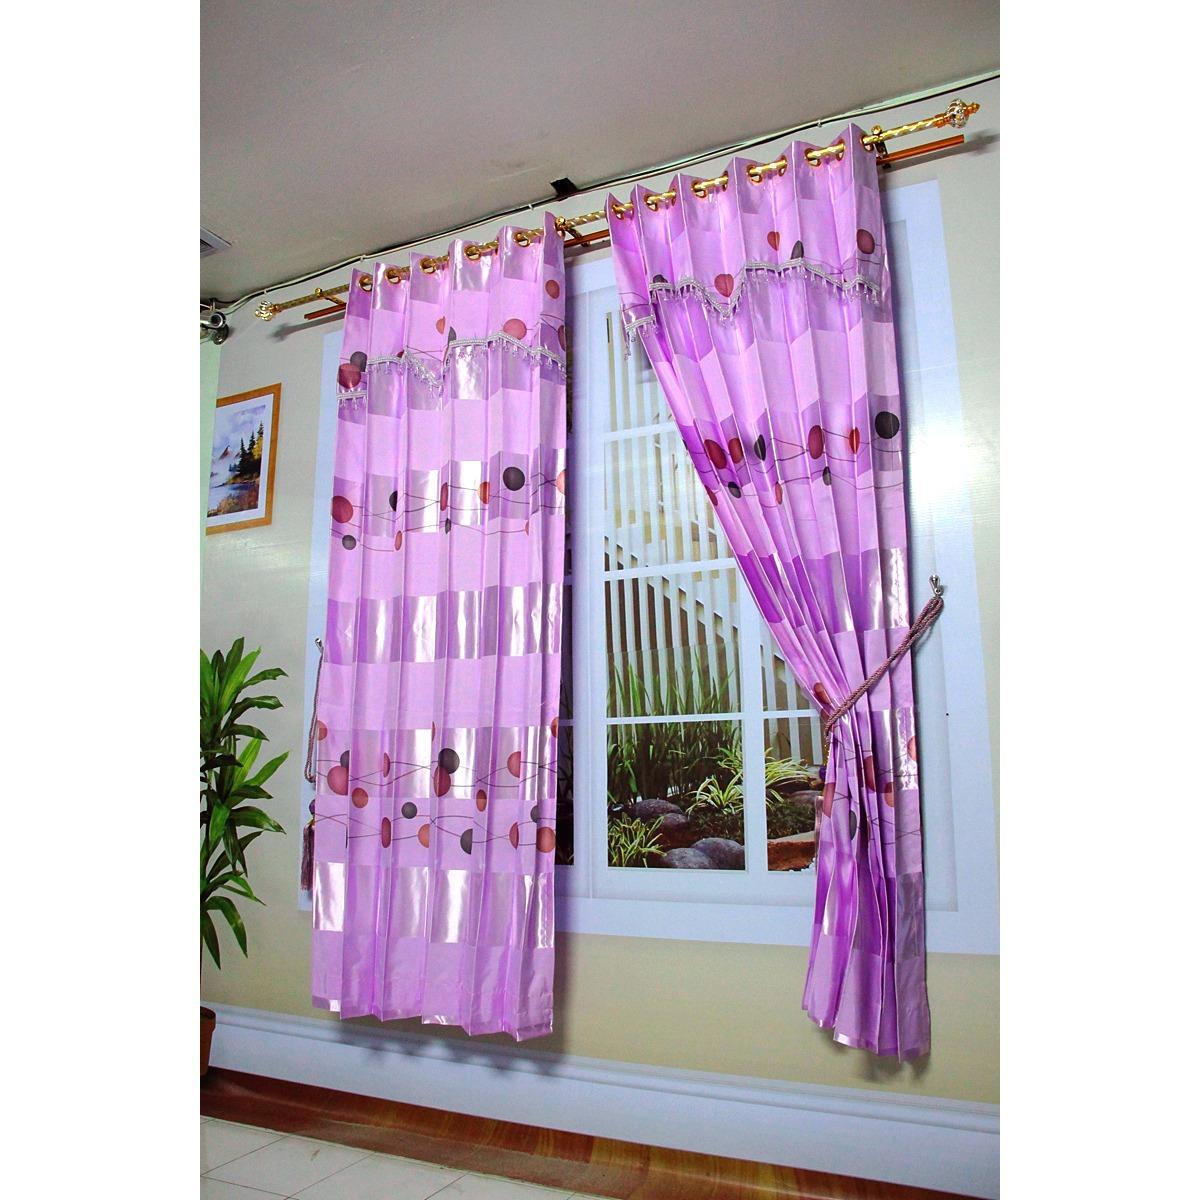 Korden gorden murah untuk jendela bahan black out dengan poni hias dan manik warna ungu [Elyna ungu]